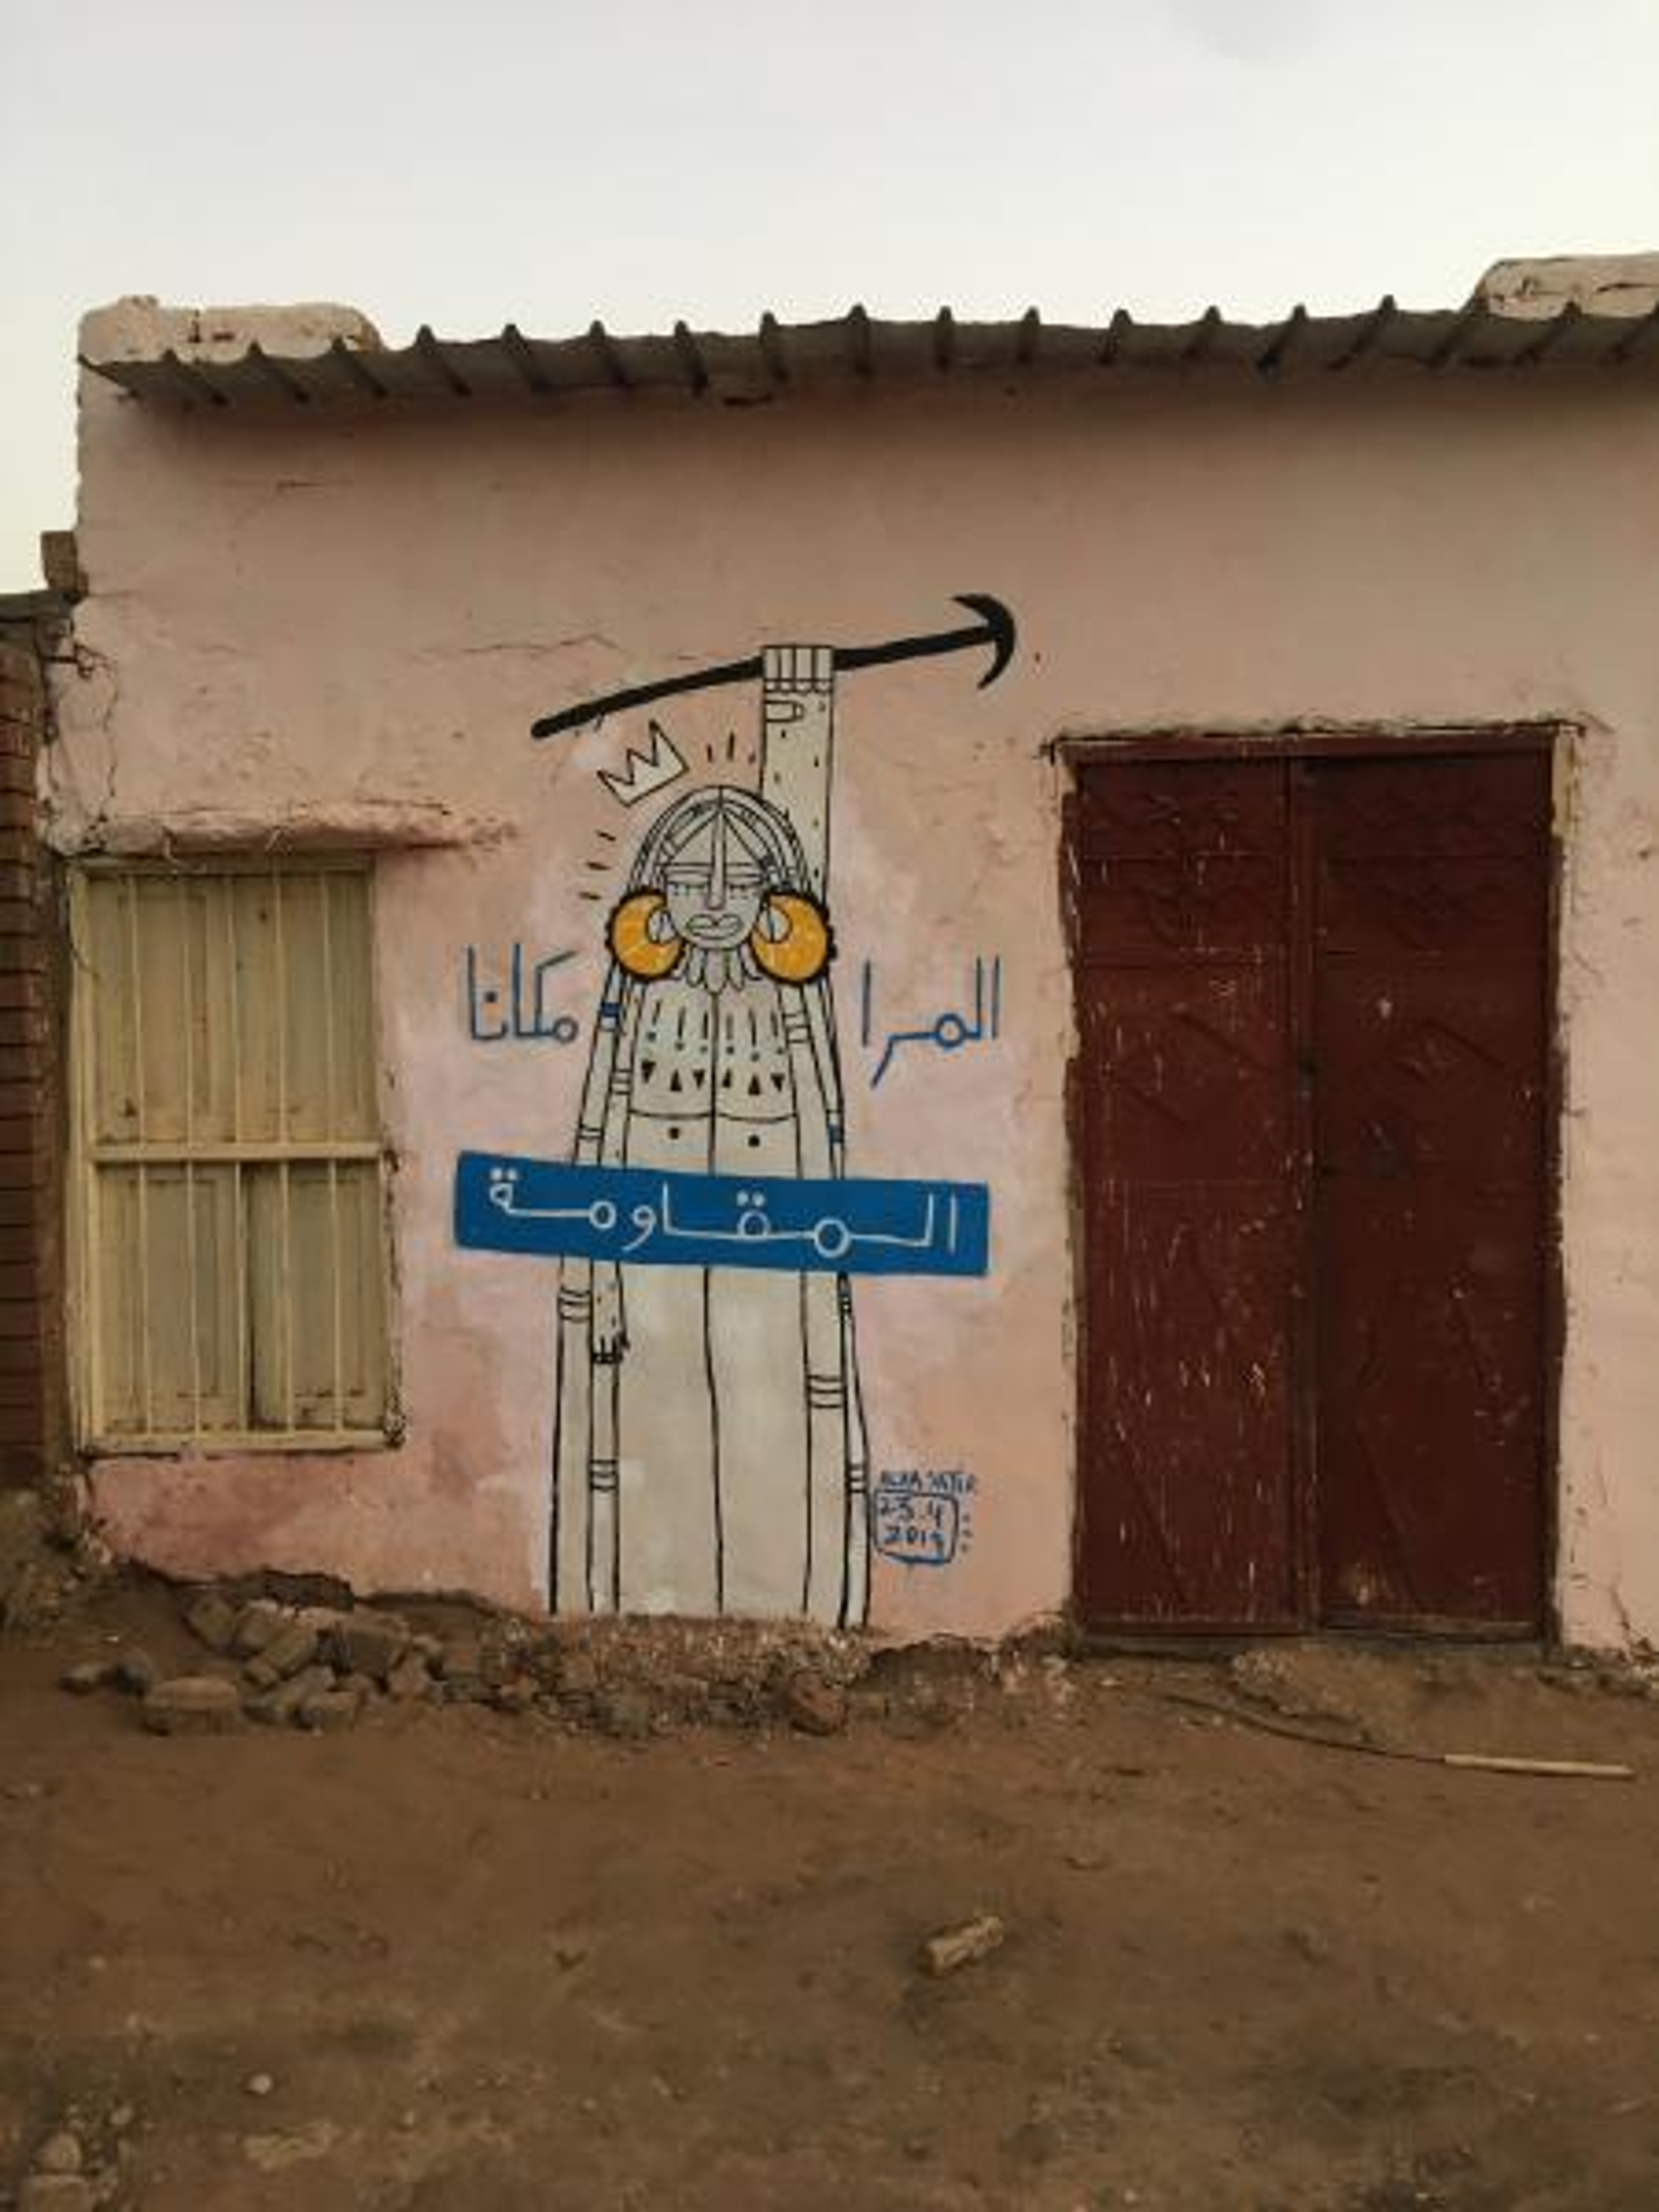 Sudan protest art